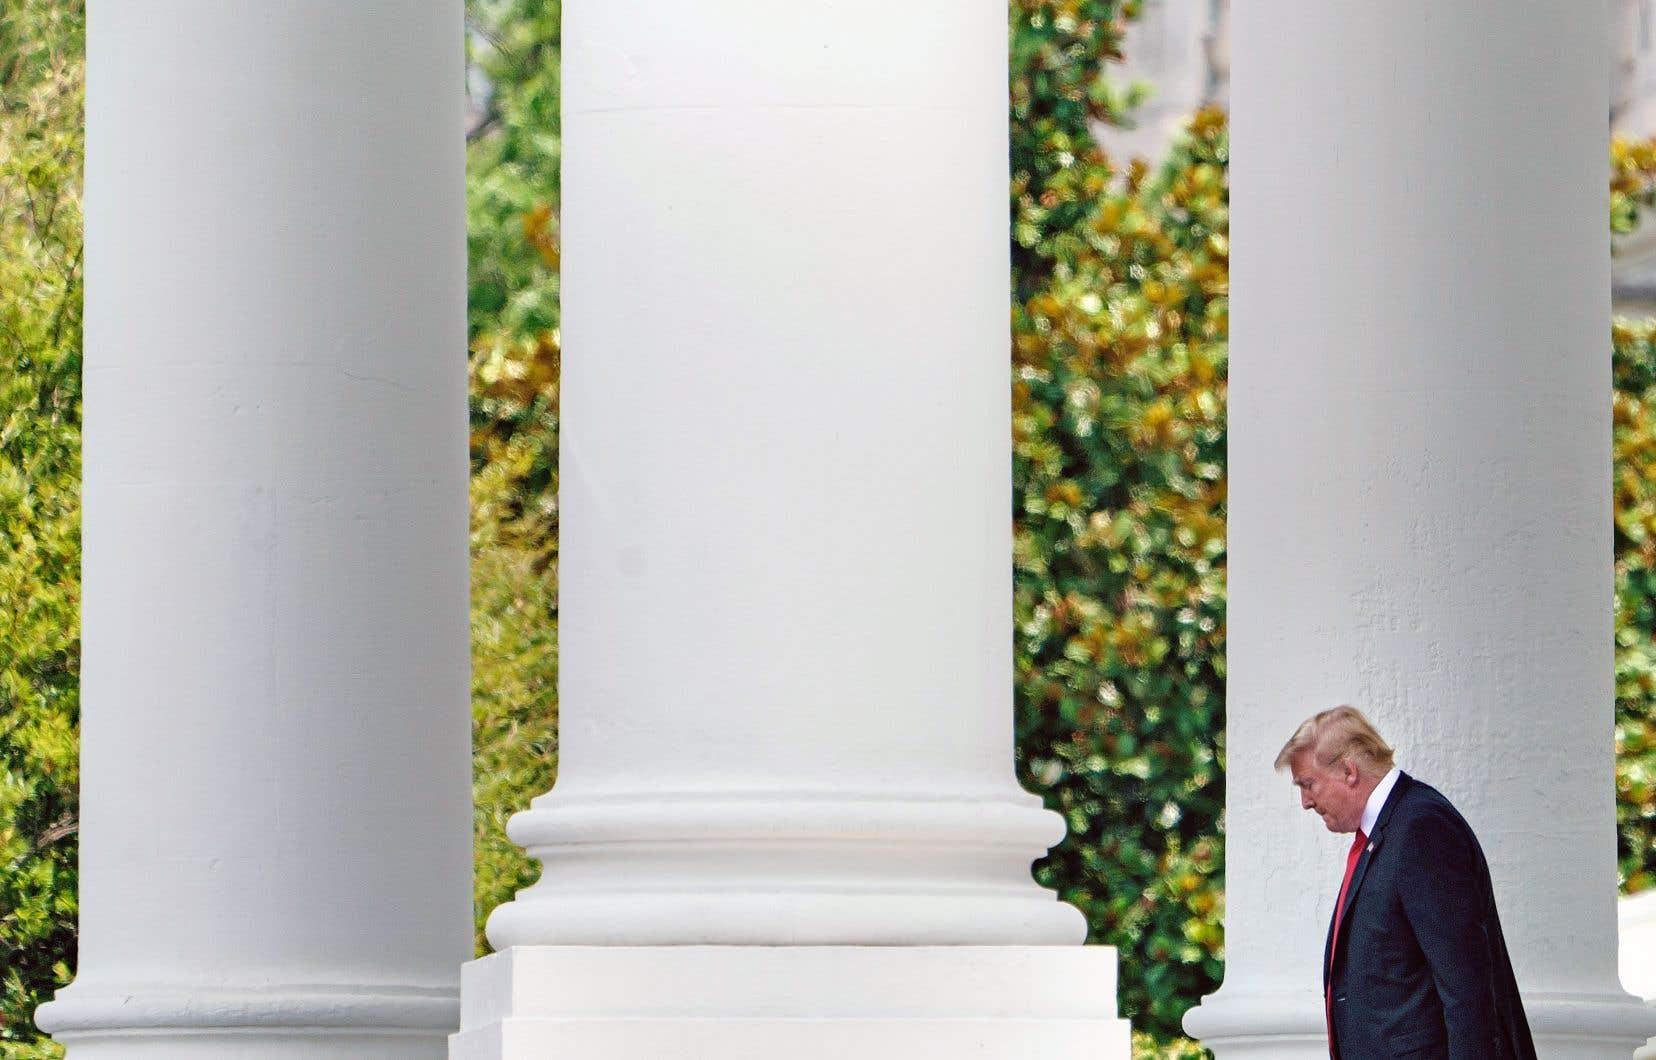 Le président américain, Donald Trump, photographié à la Maison-Blanche jeudi, à Washington